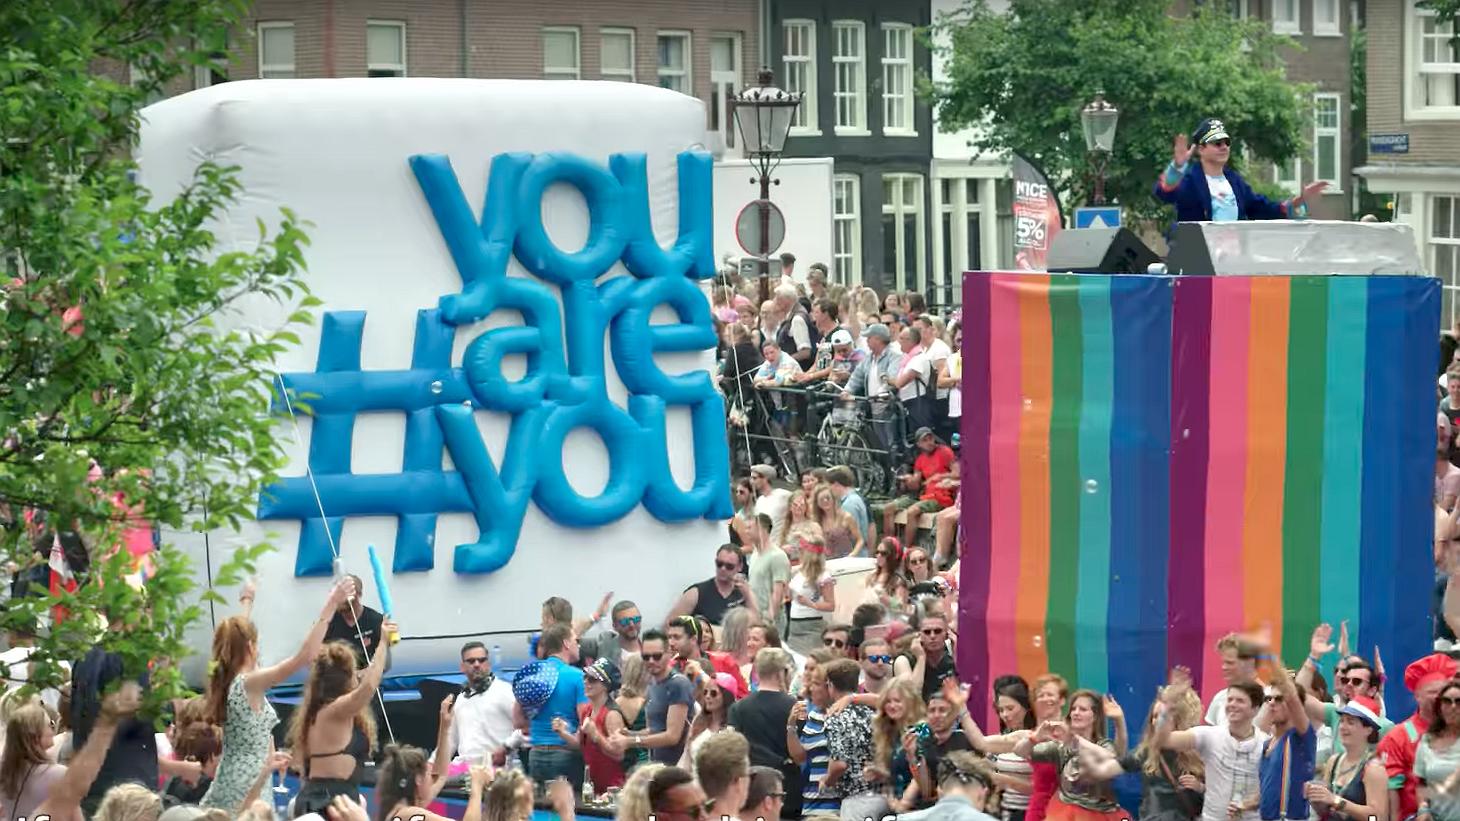 Life is better when you are you | Waarom Philips meevoer tijdens Pride